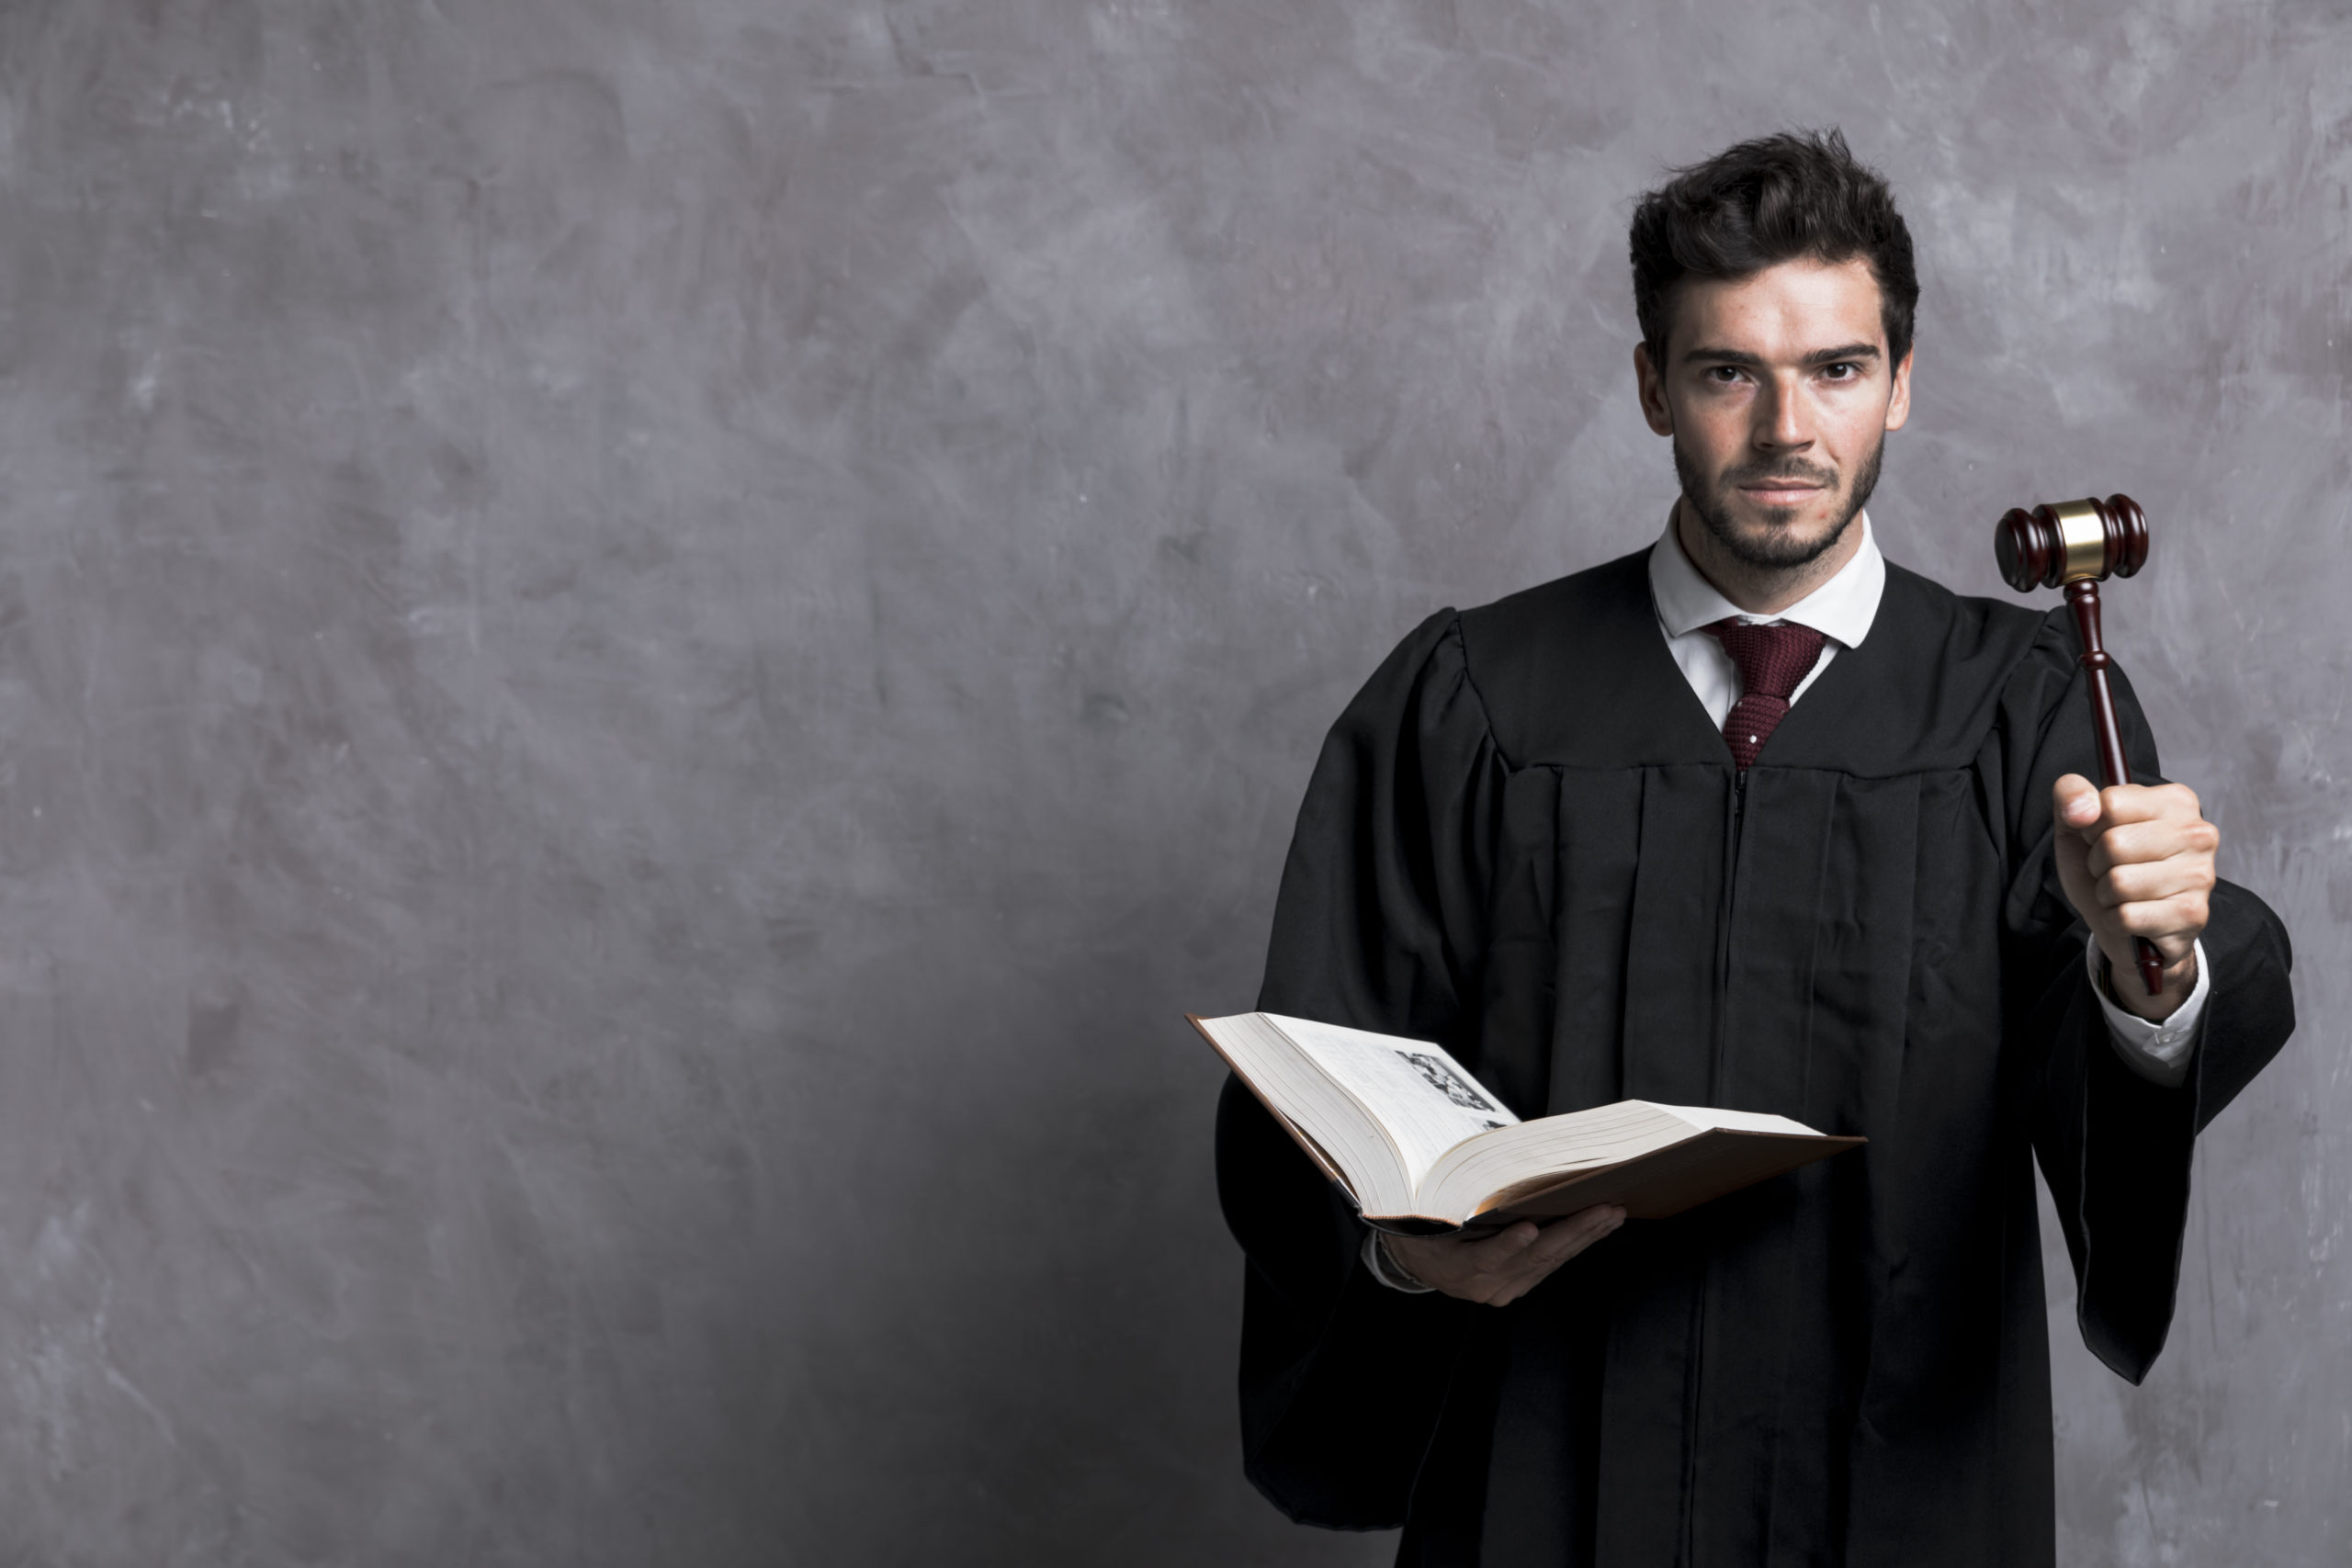 La divisione giudiziale dei beni ereditari